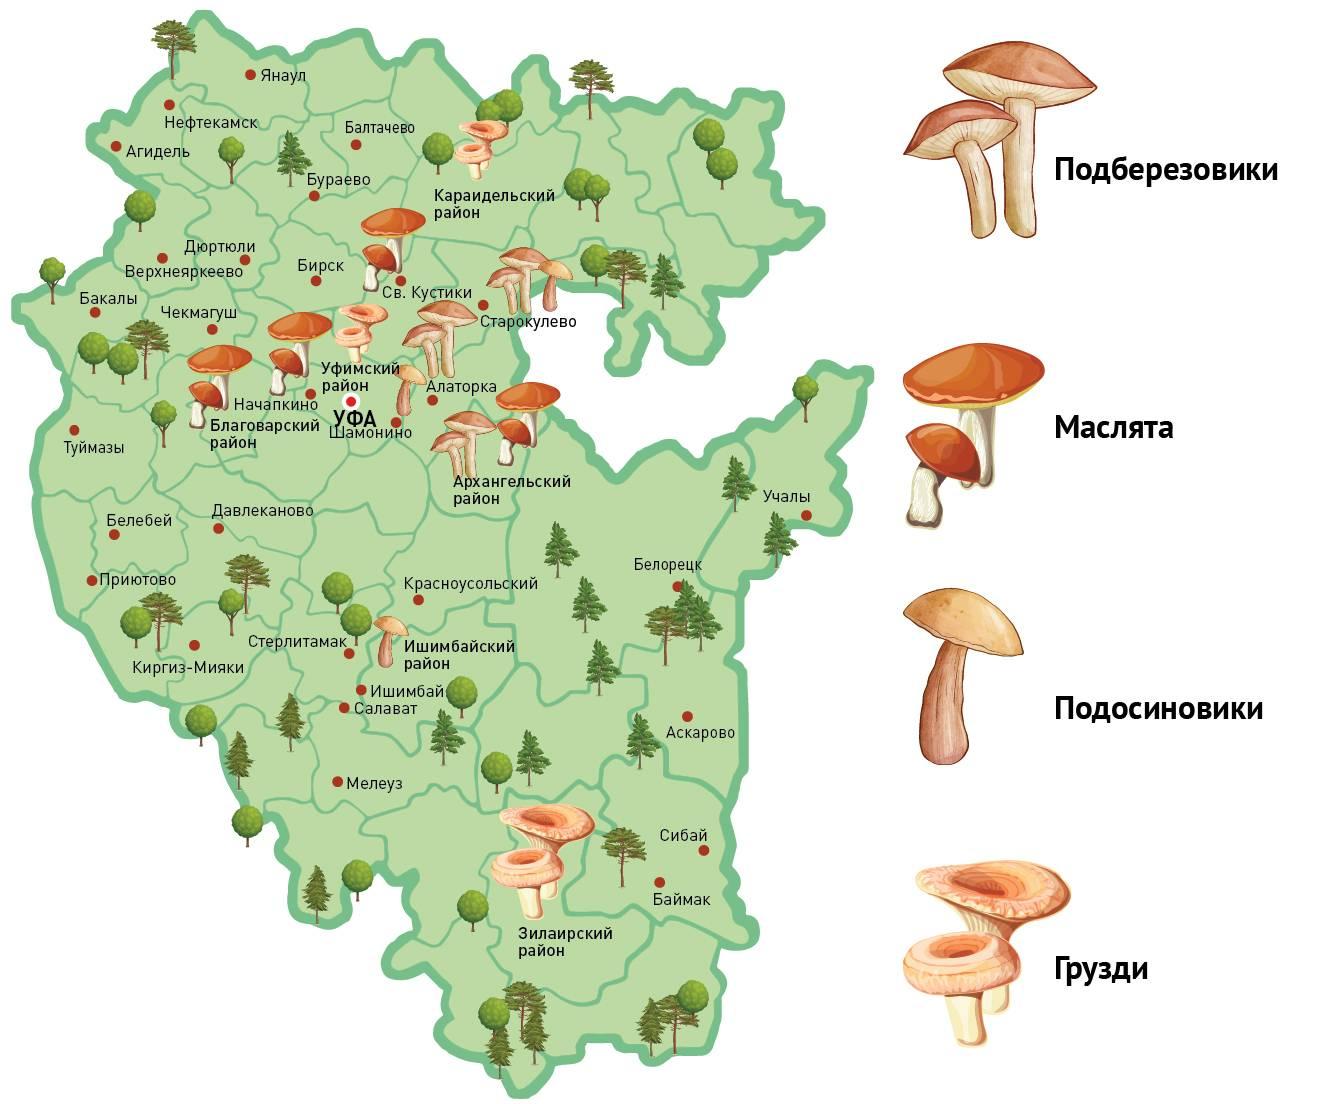 Грибы в тульской области 2020: календарь, карта, отзывы » новости онлайн